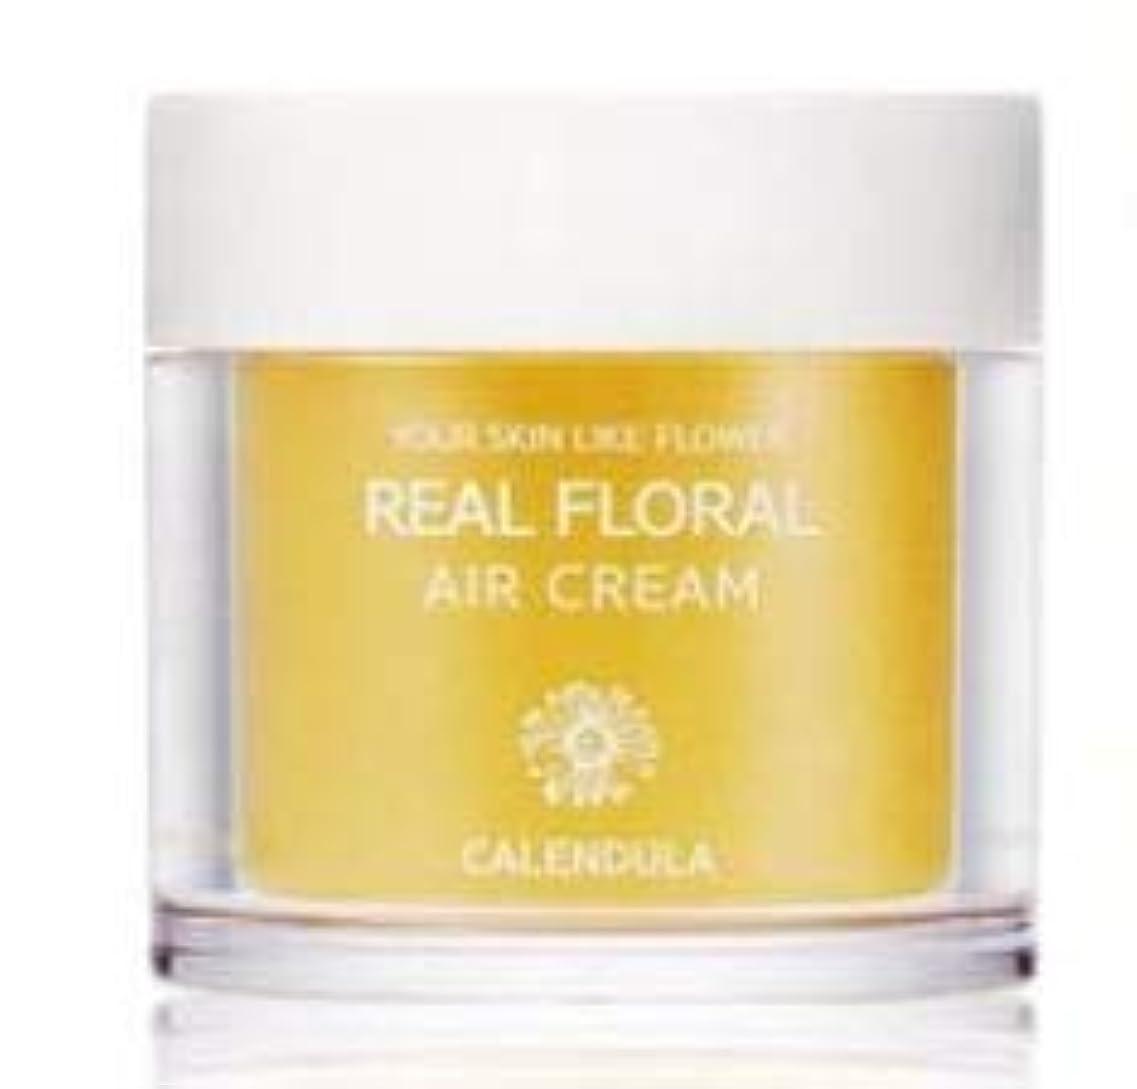 脅迫取り出すあなたはNATURAL PACIFIC Real Floral Air Cream 100ml (Calendula) /ナチュラルパシフィック リアル カレンデュラ エア クリーム 100ml [並行輸入品]